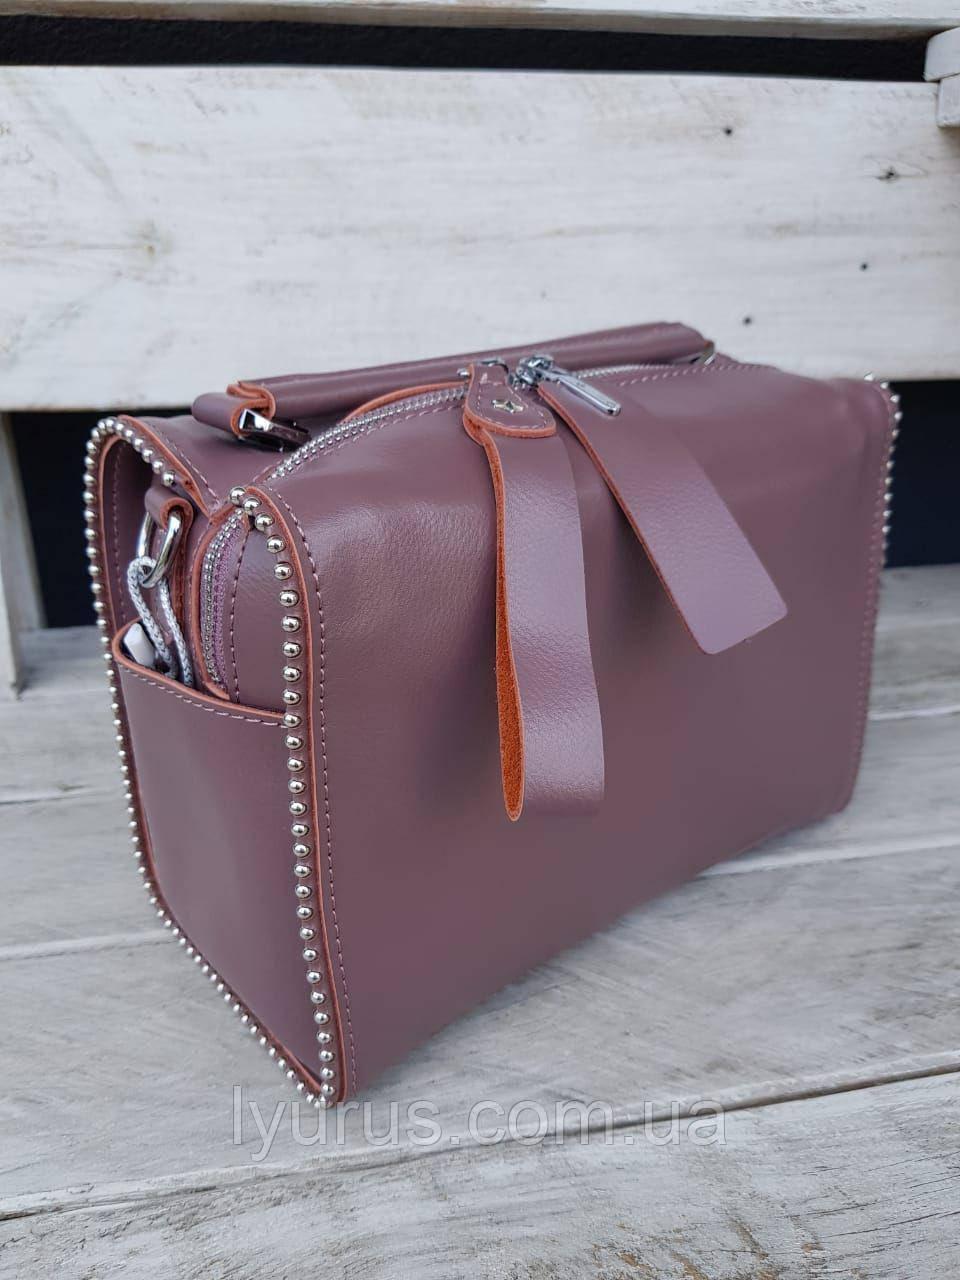 Кожаная женская сумка размером 25x14x14 см Молочная (01023)